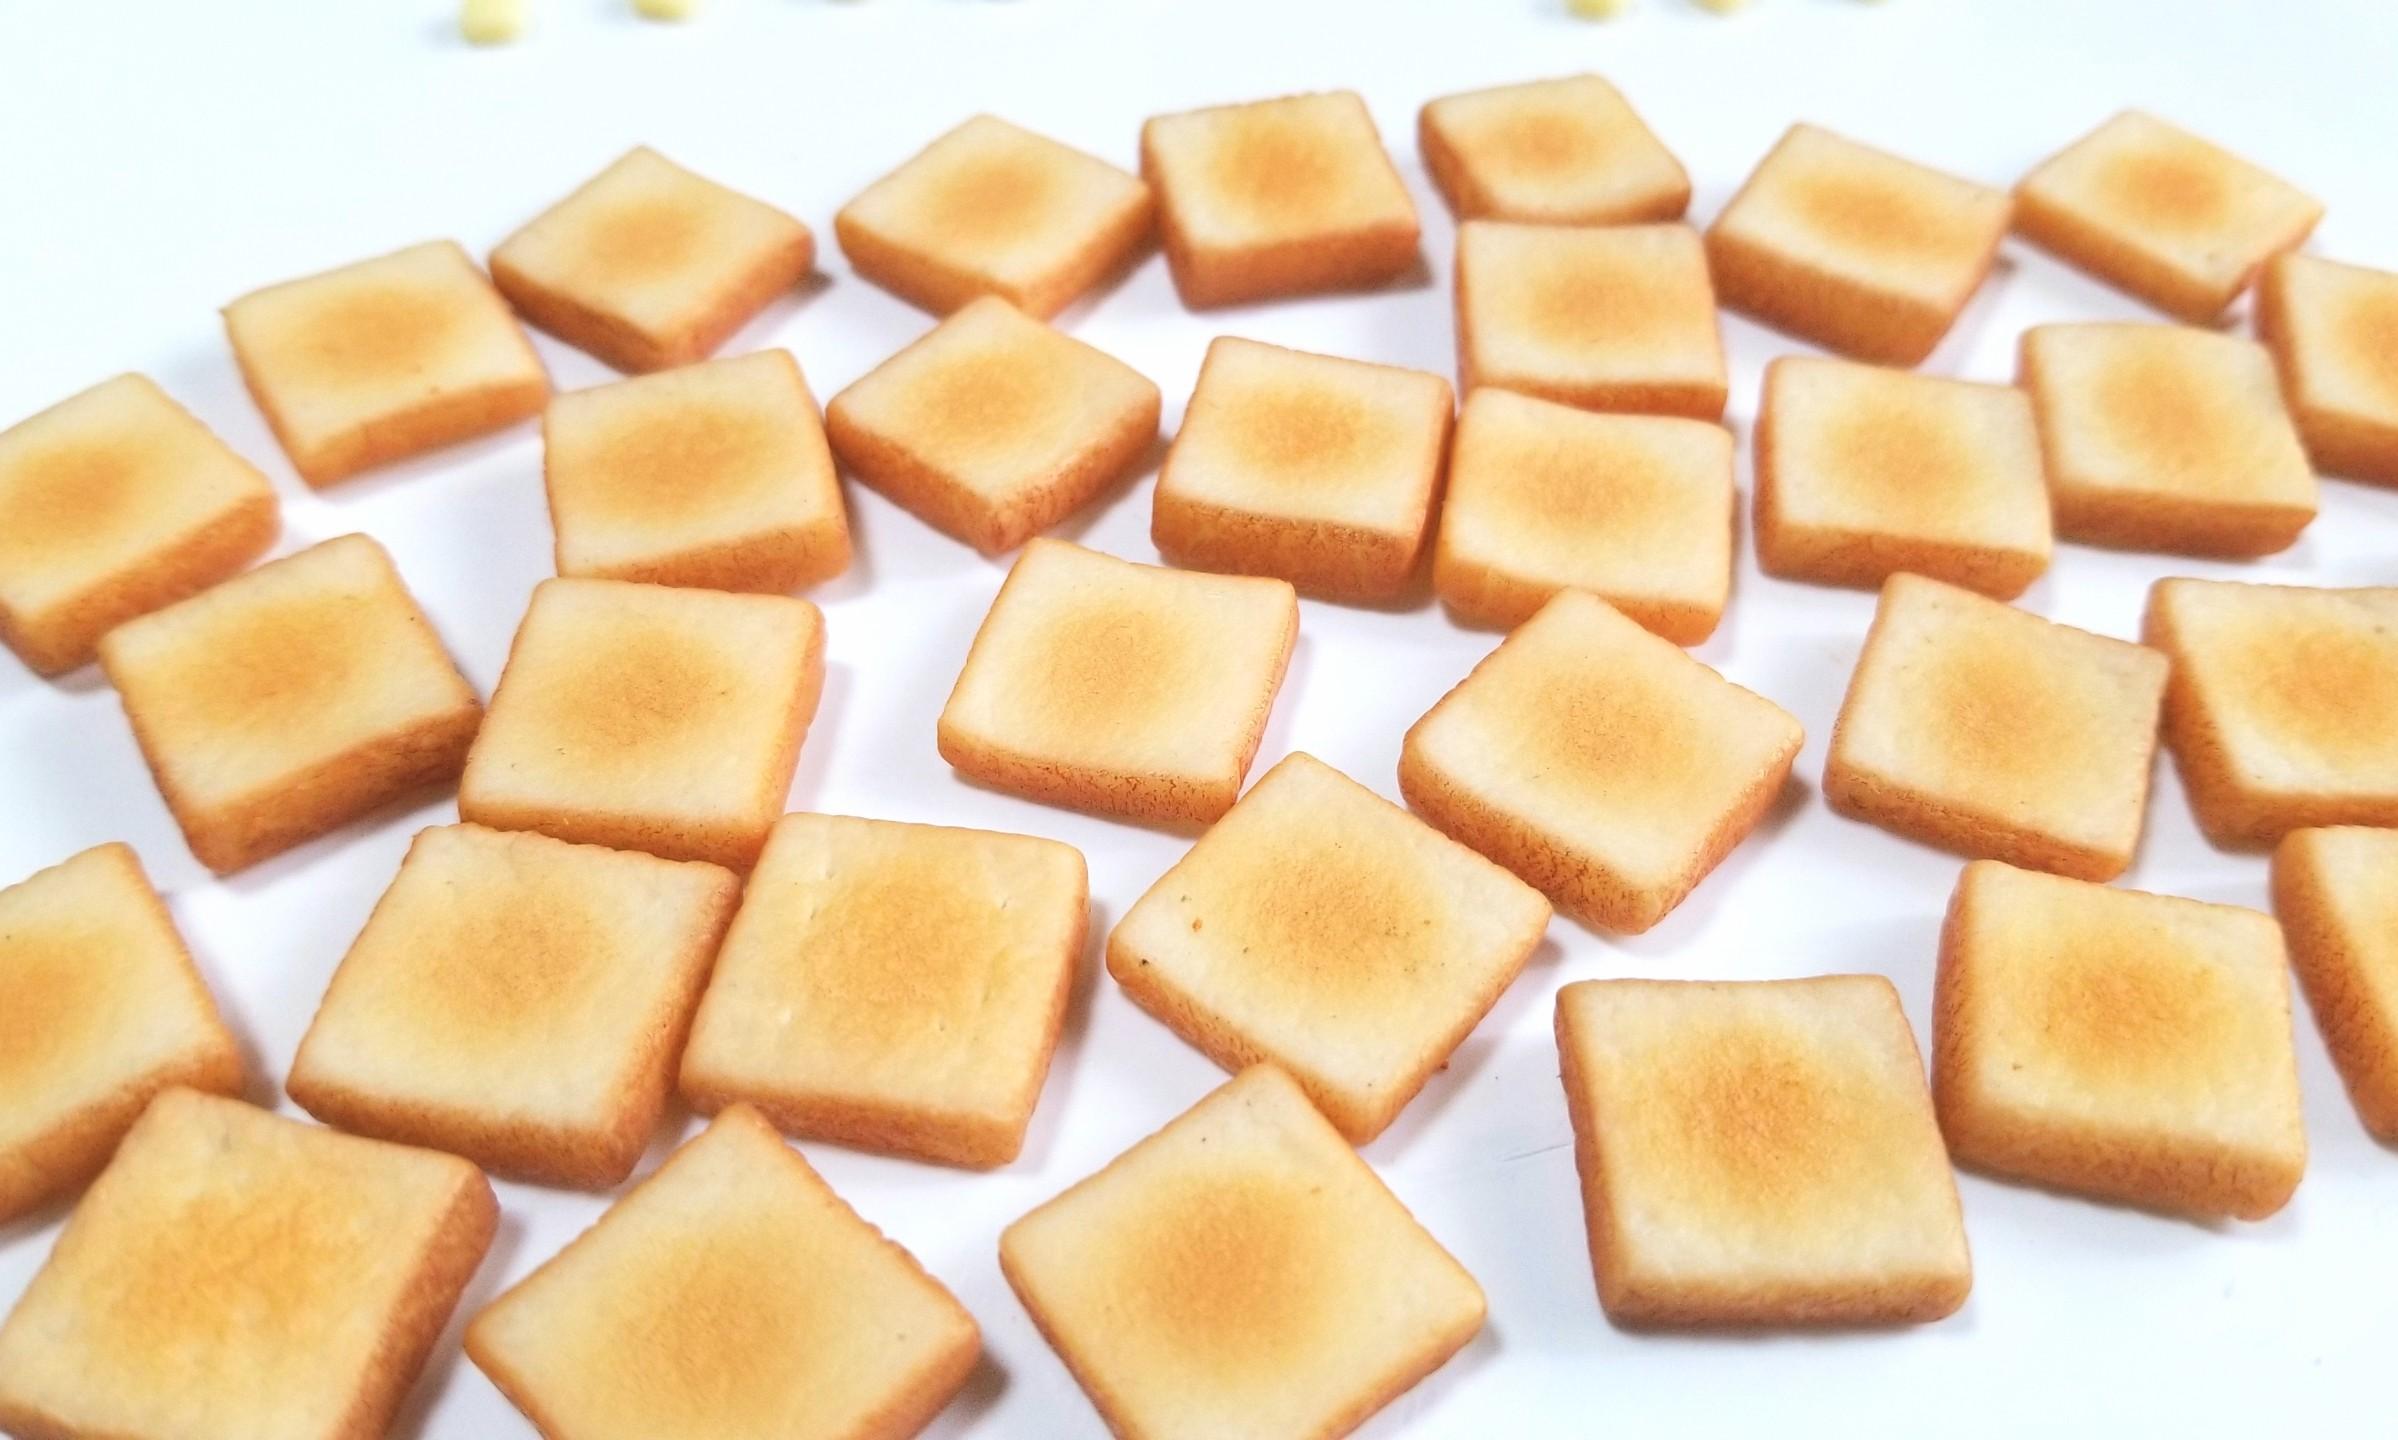 ミニチュア,食パン,トースト,作り方,樹脂粘土,ドールハウス,パン